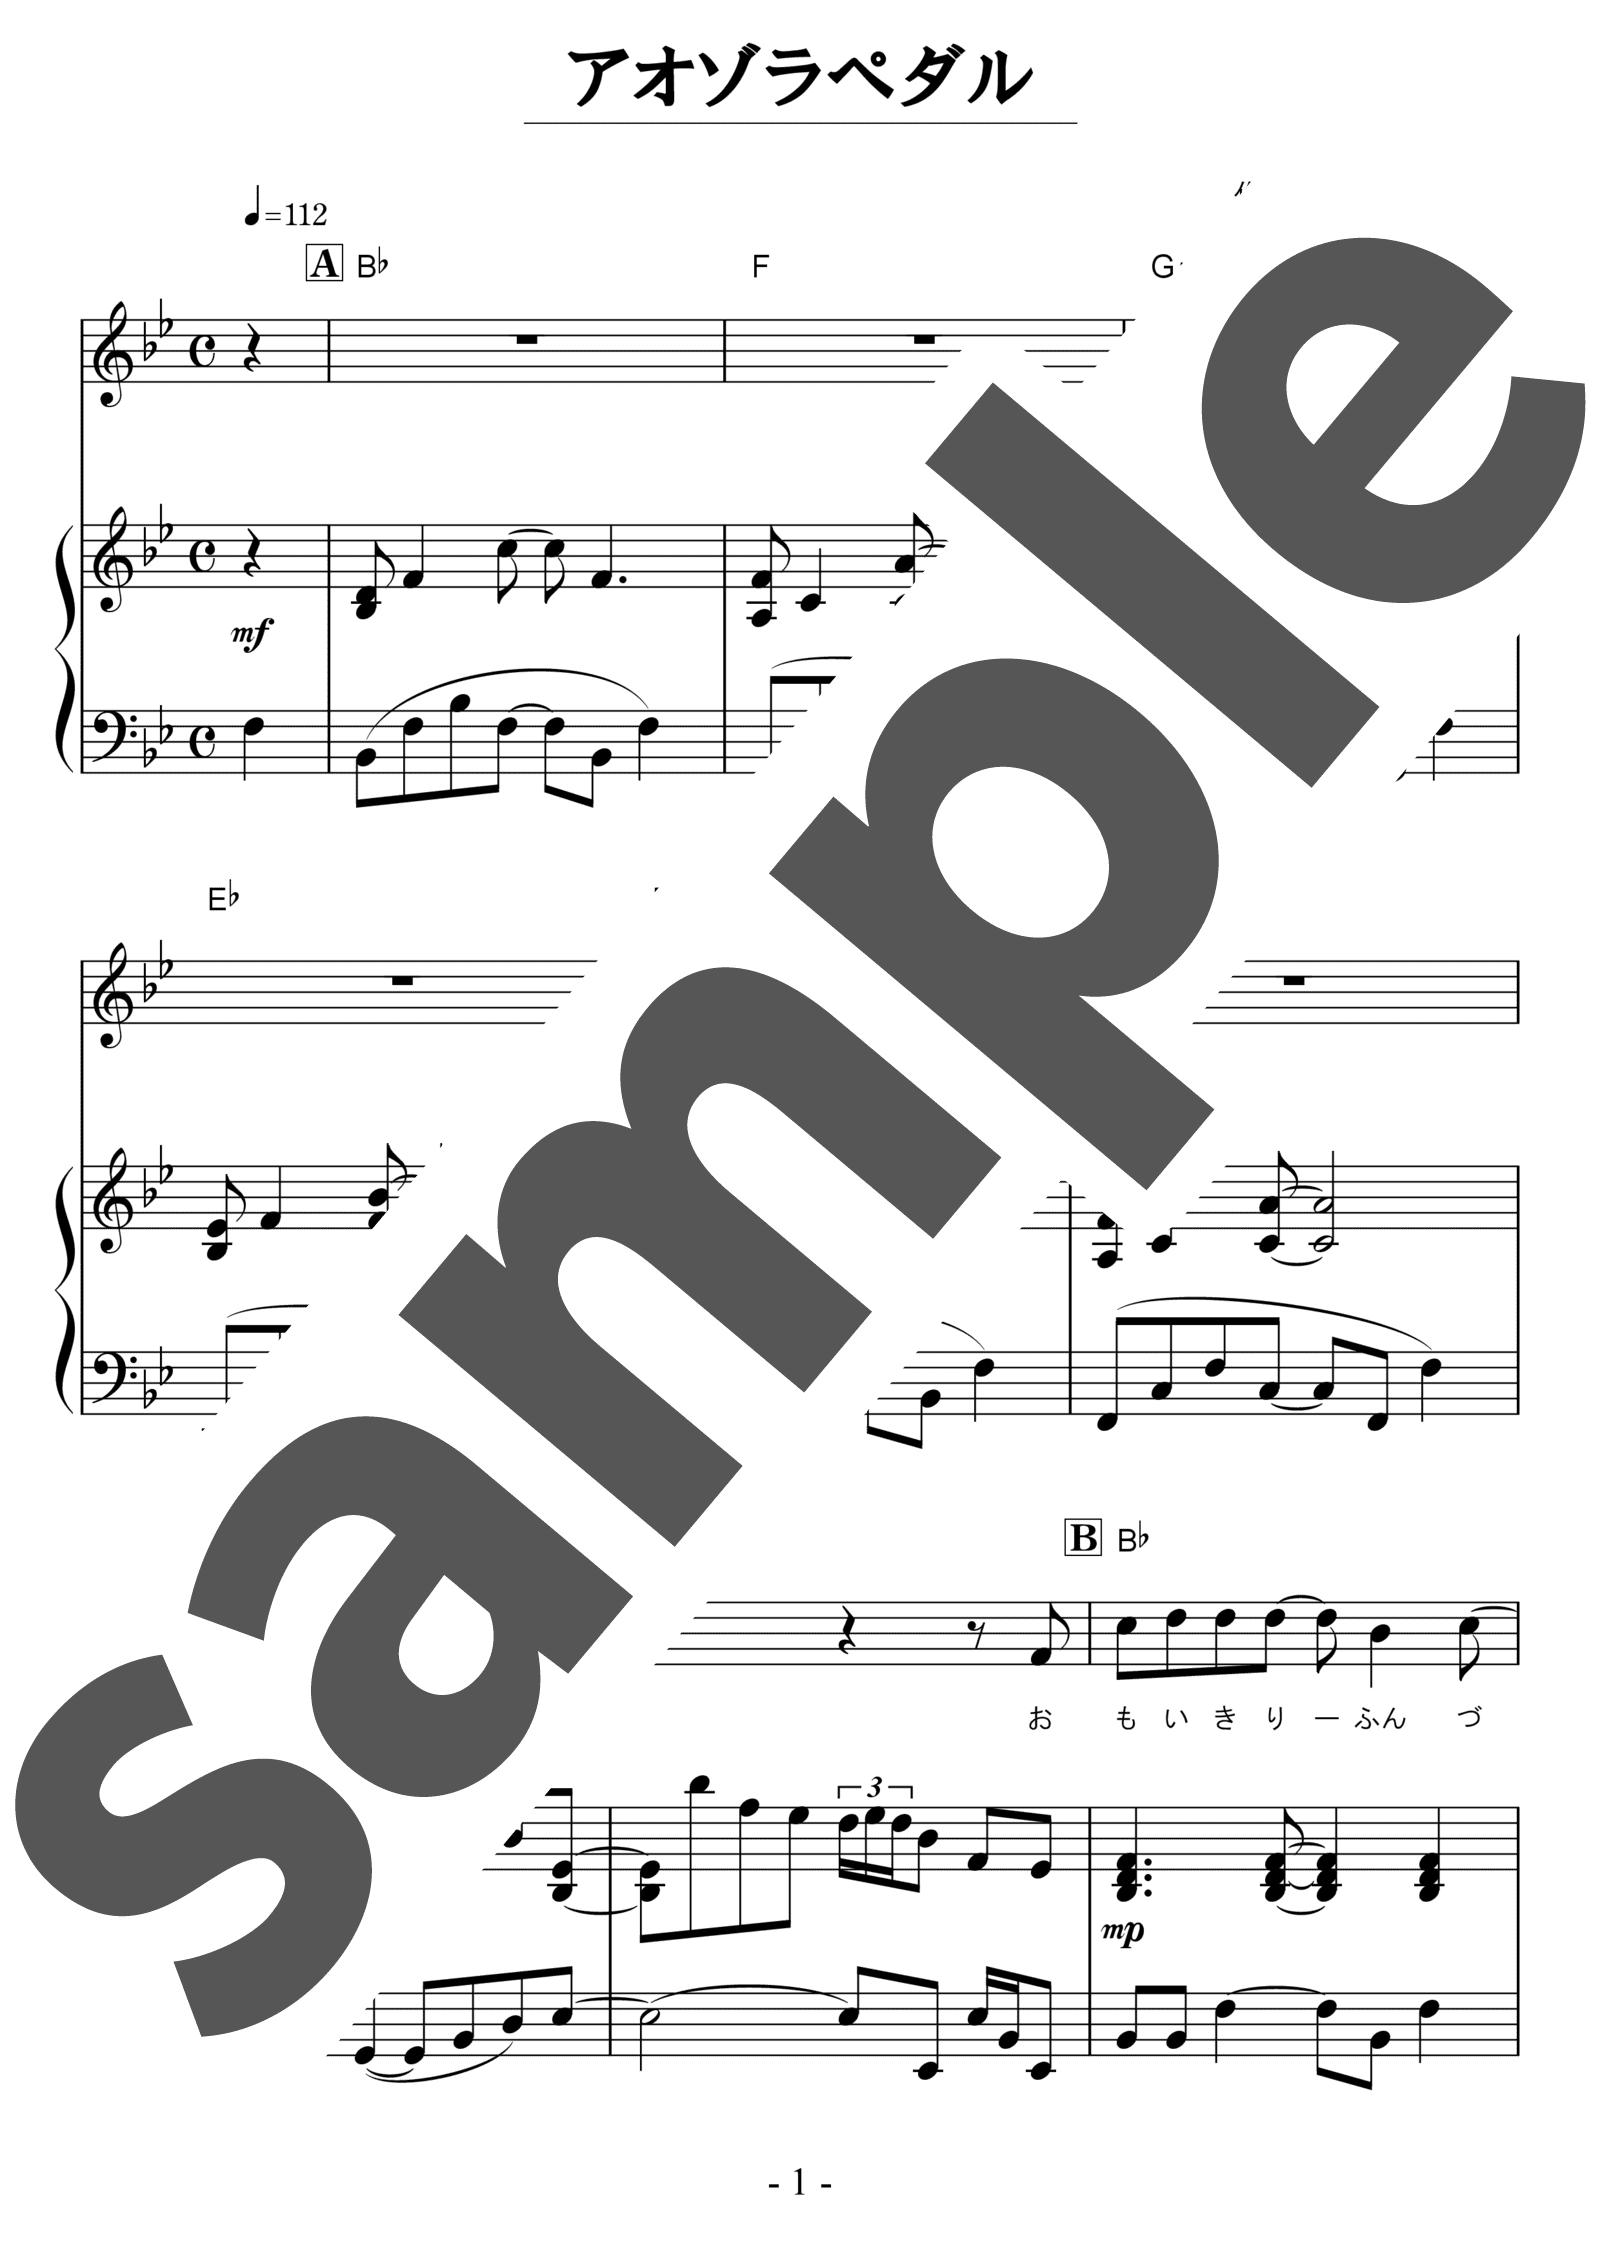 「アオゾラペダル」のサンプル楽譜